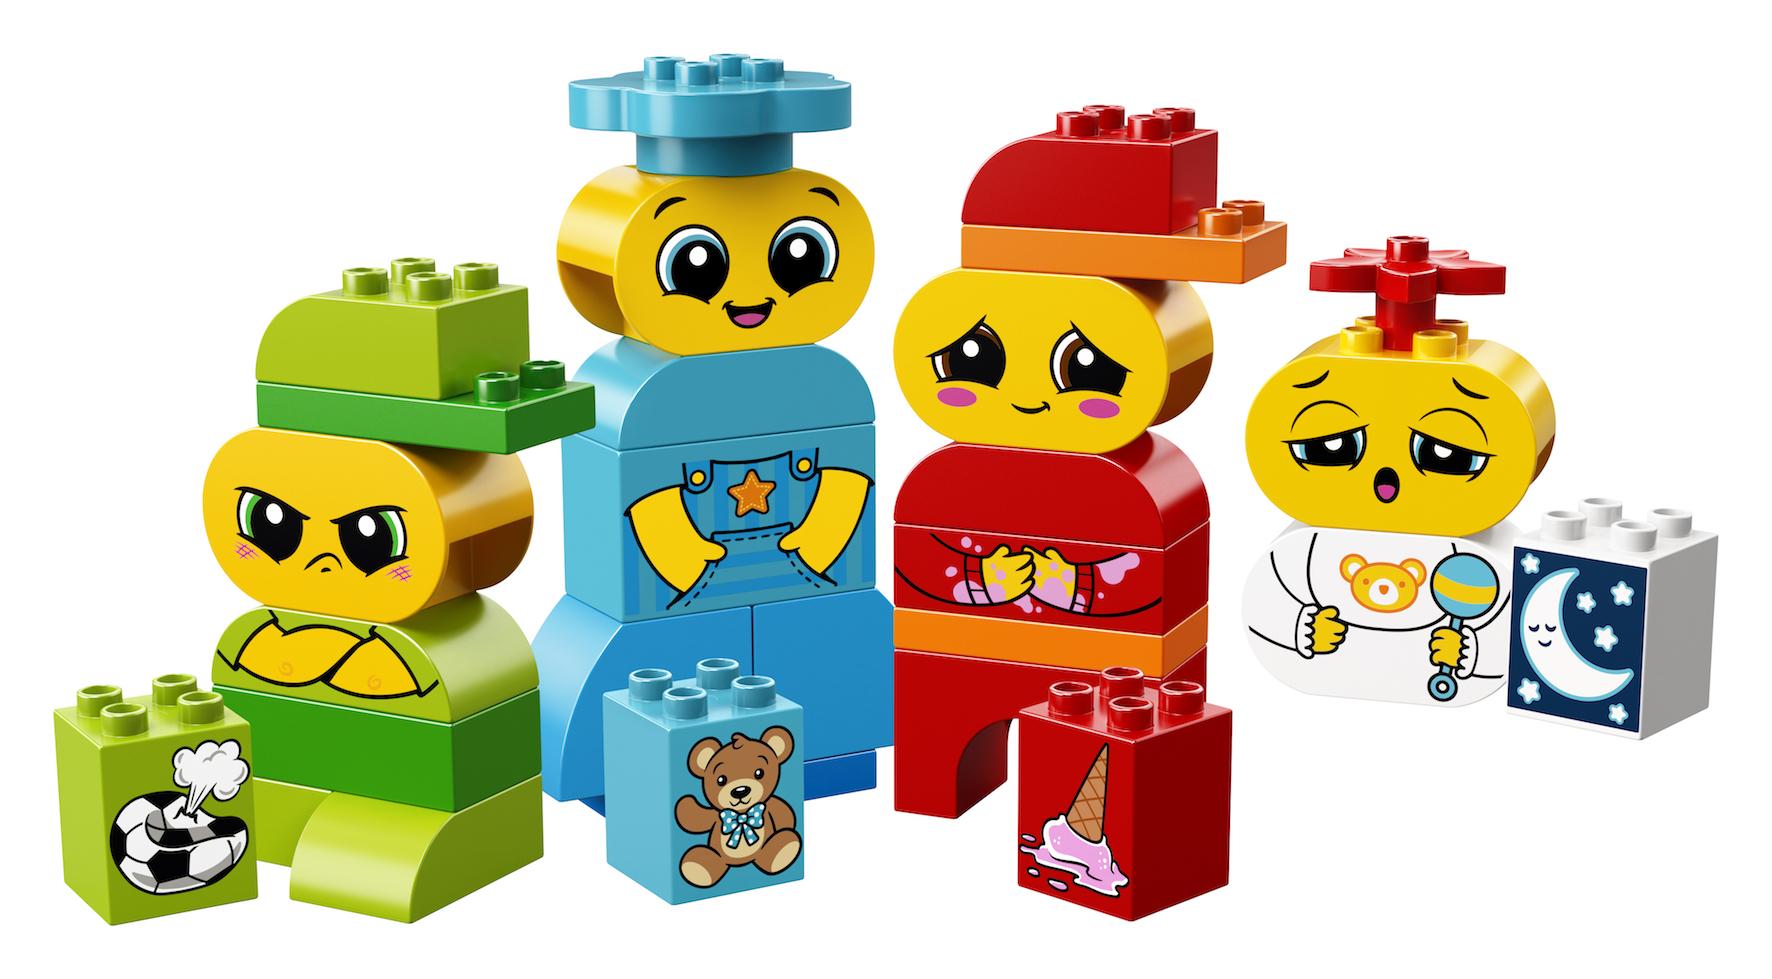 10861_LEGO-DUPLO_Meine-ersten-Emotionen_Produkt